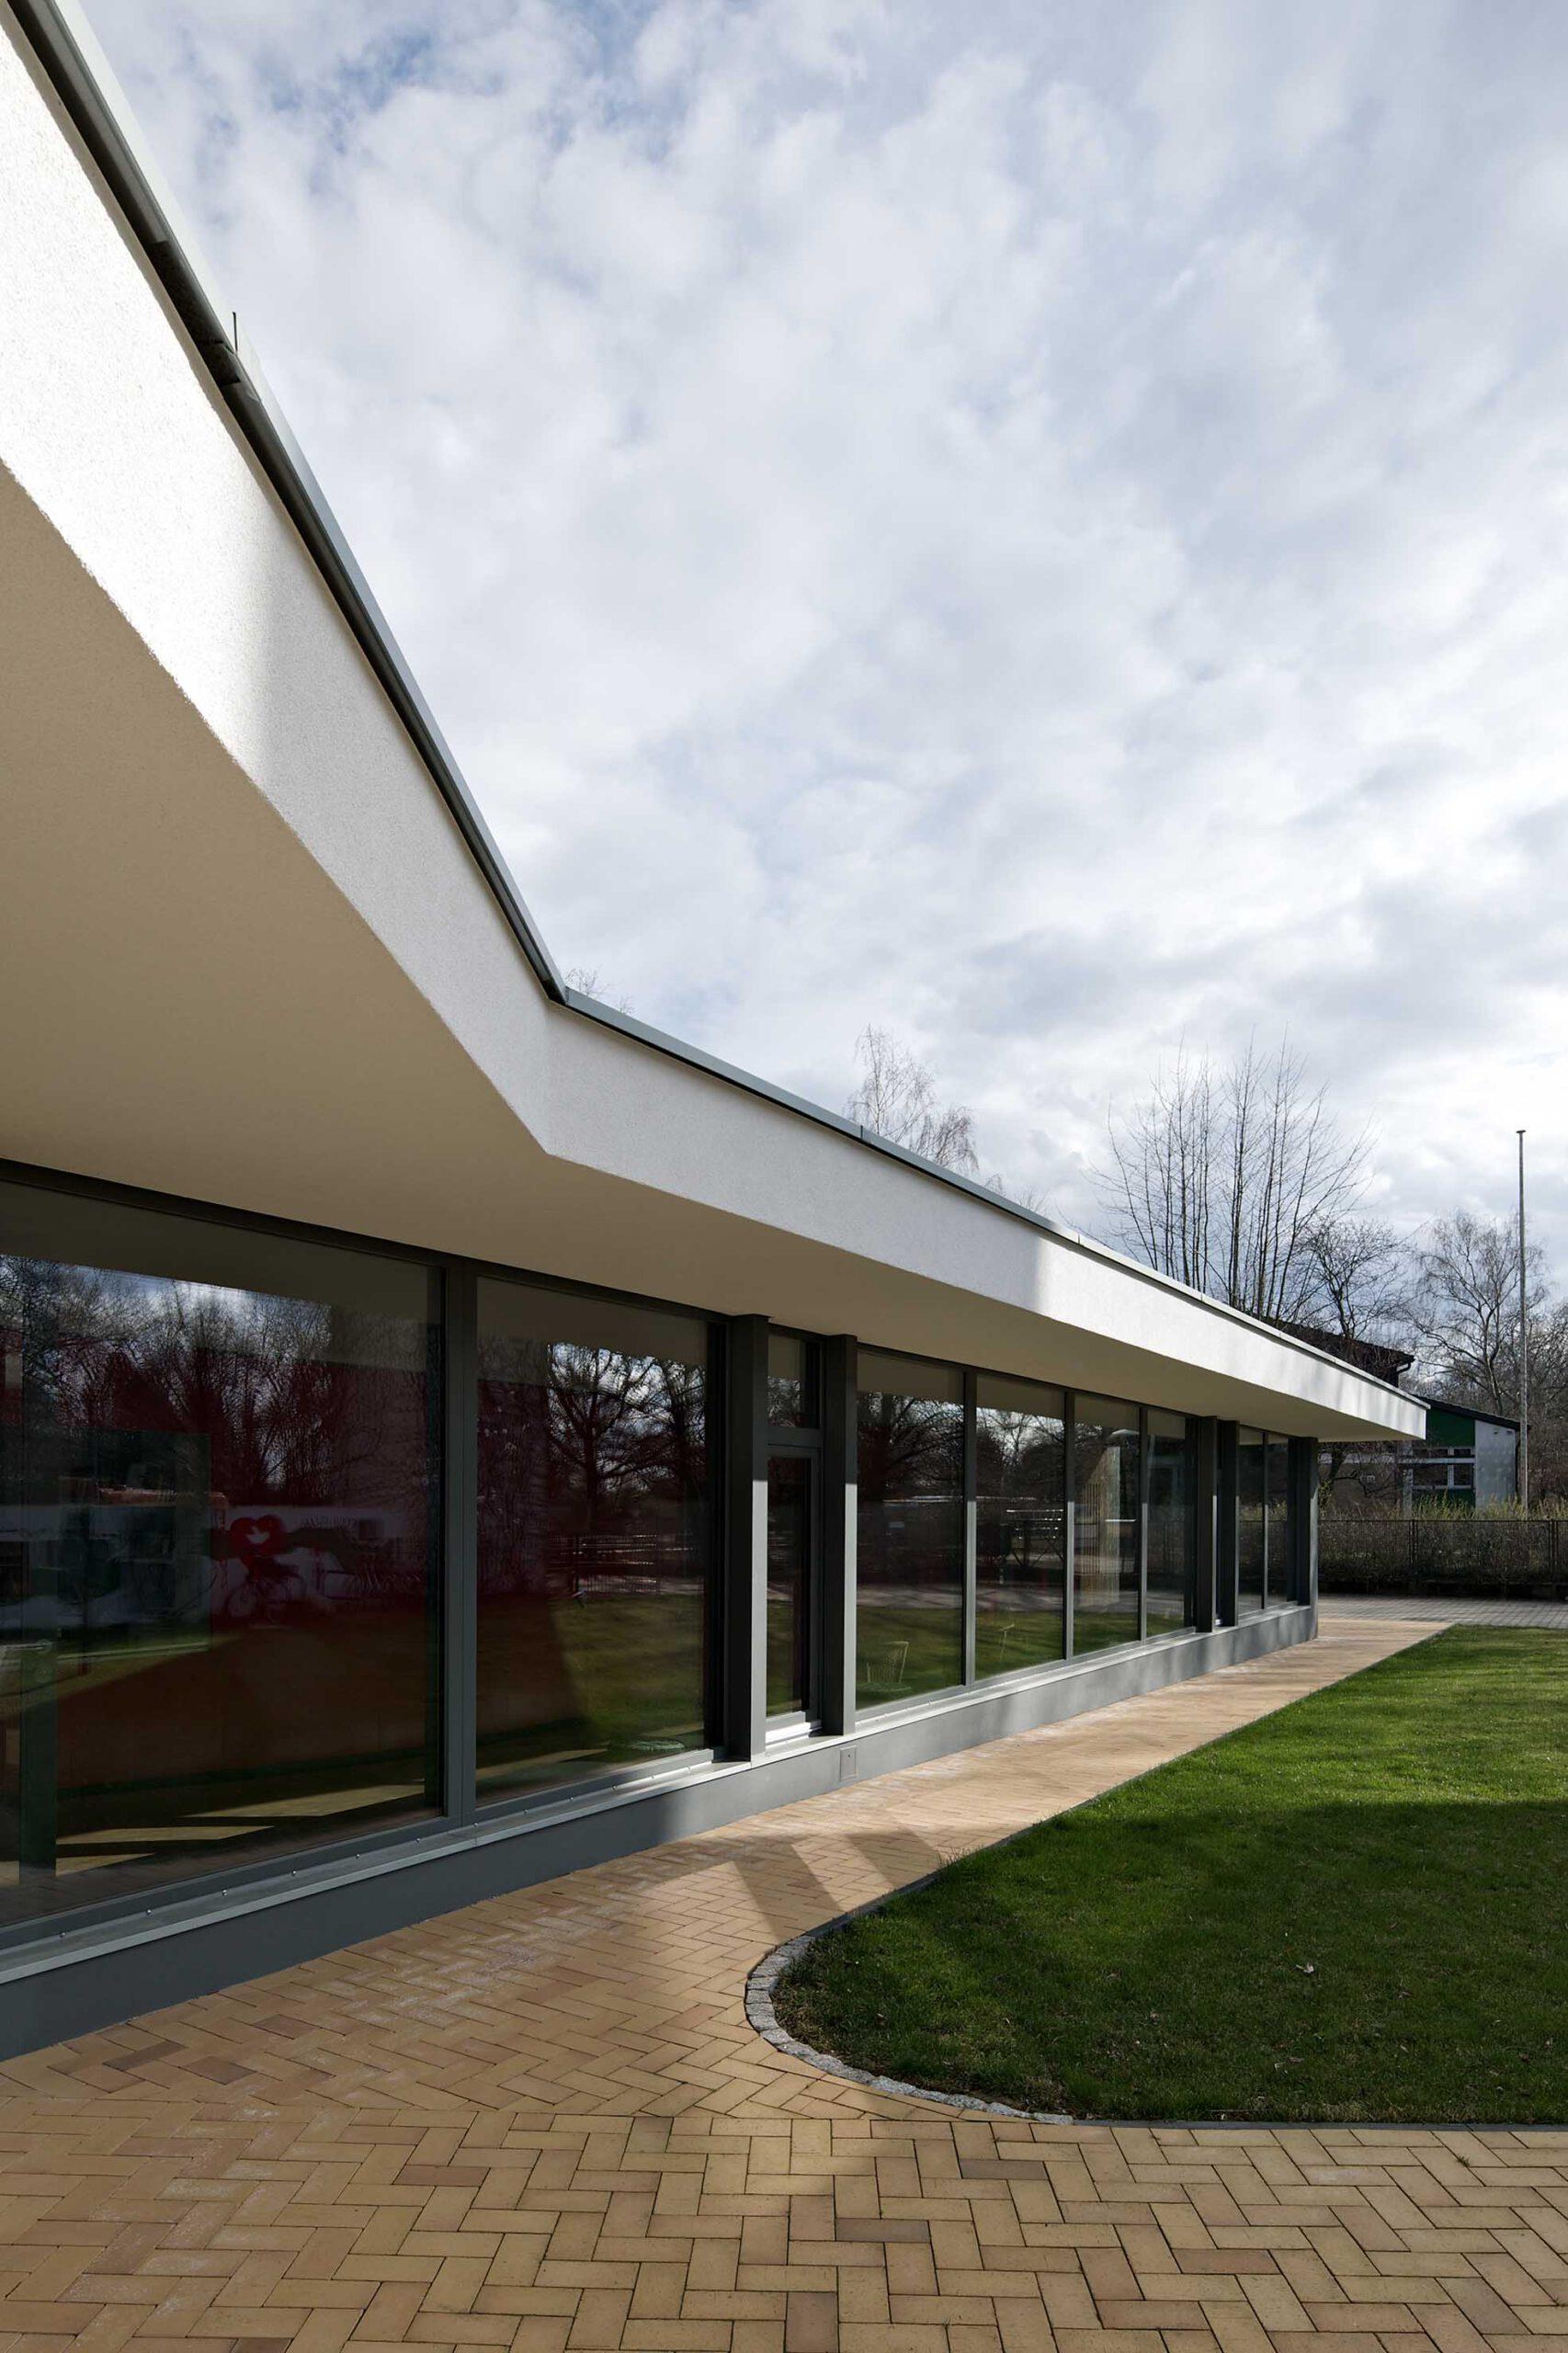 Neubau Foyer von außen